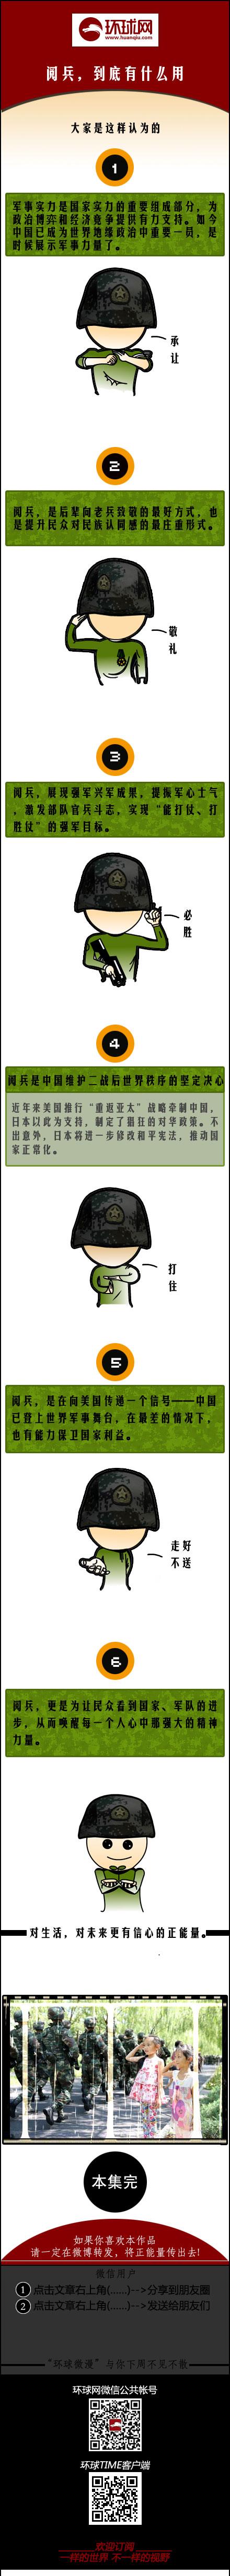 阅兵到底有什么用 - tianlong1952-518 - 天 龙 的博客